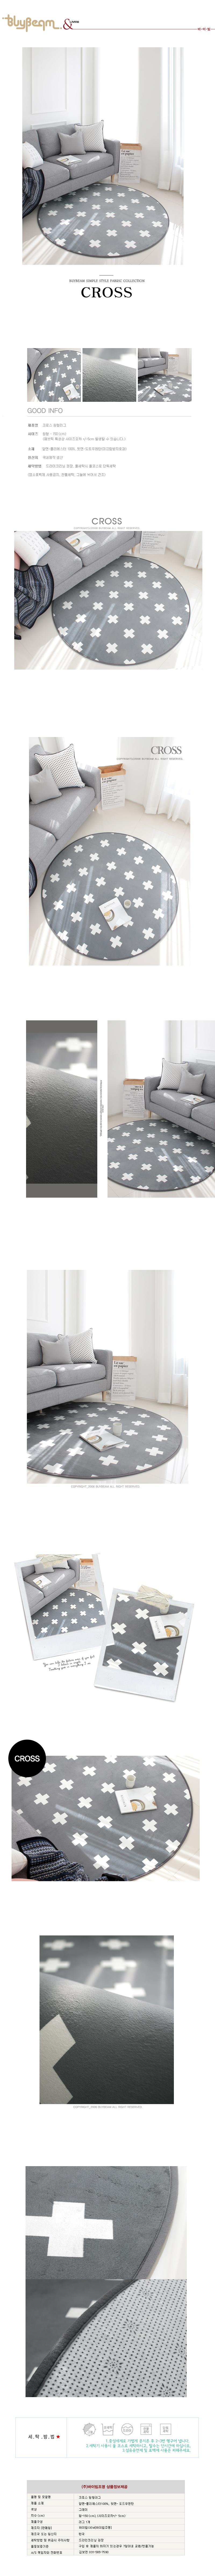 크로스 러그(원-150)-그레이 - 바이빔, 59,200원, 디자인러그, 디자인러그